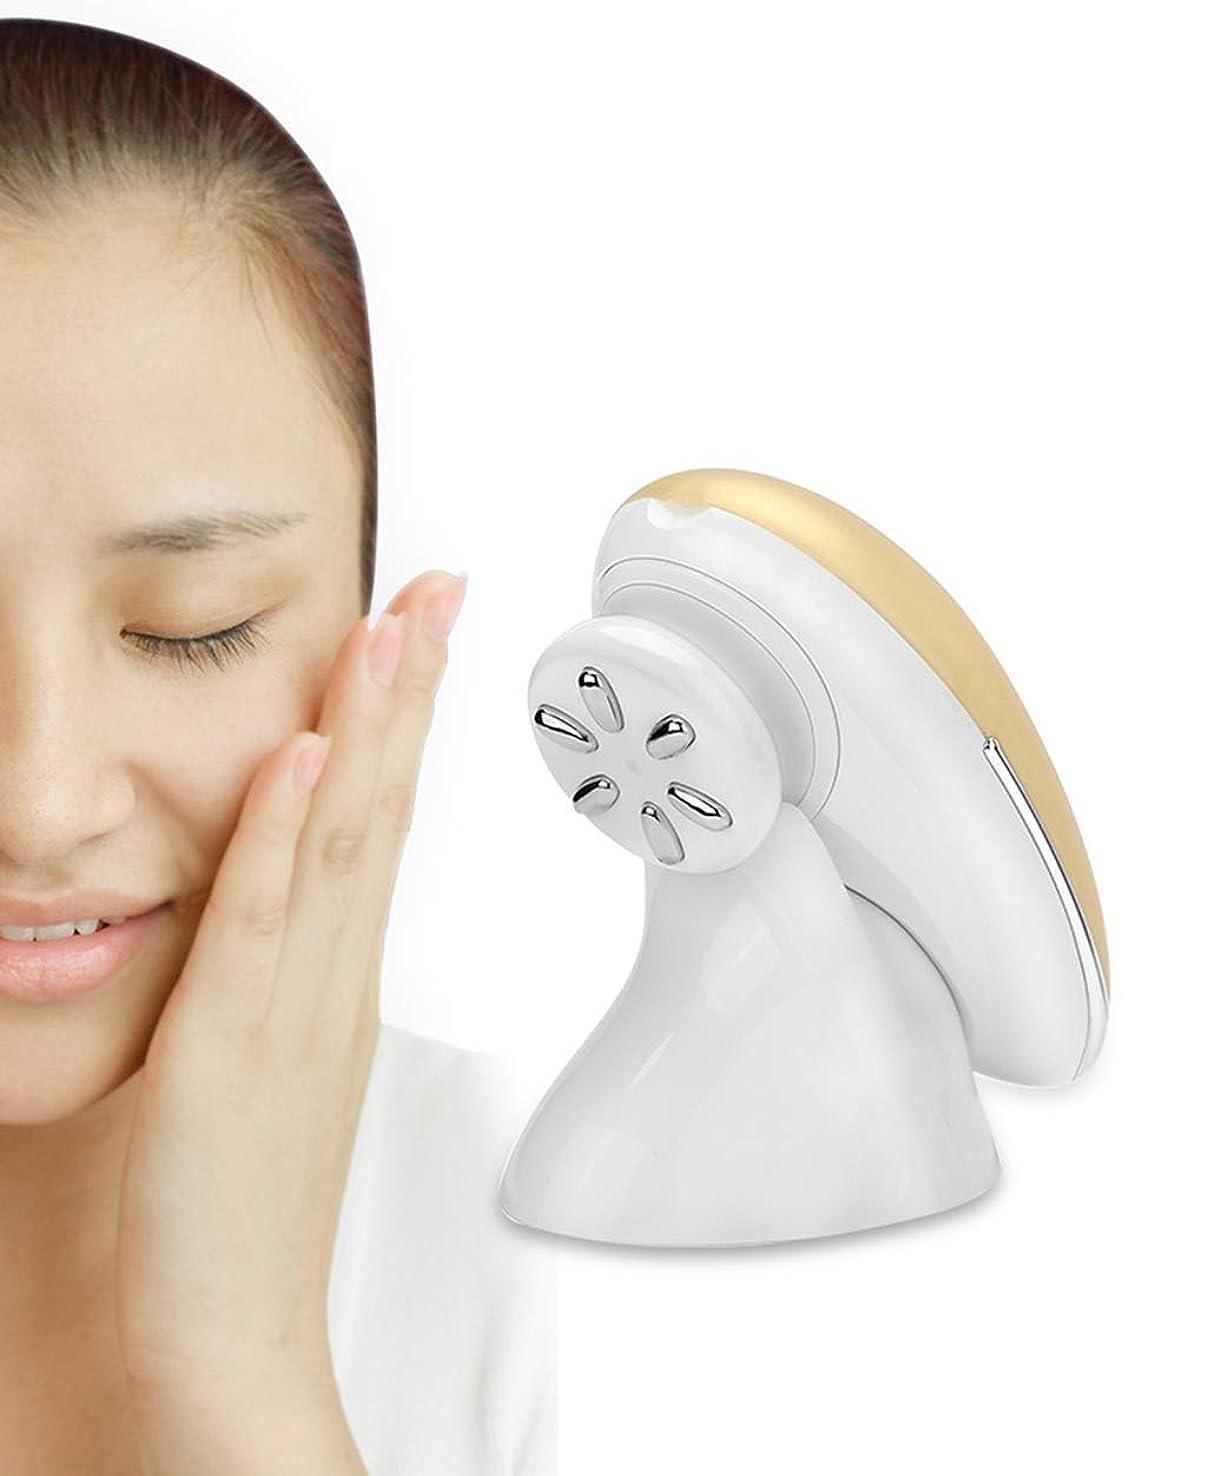 マリン電報ピケEMSパルス美容機器、RFしわ肌の顔の肌を引き締め抗老化美容機器